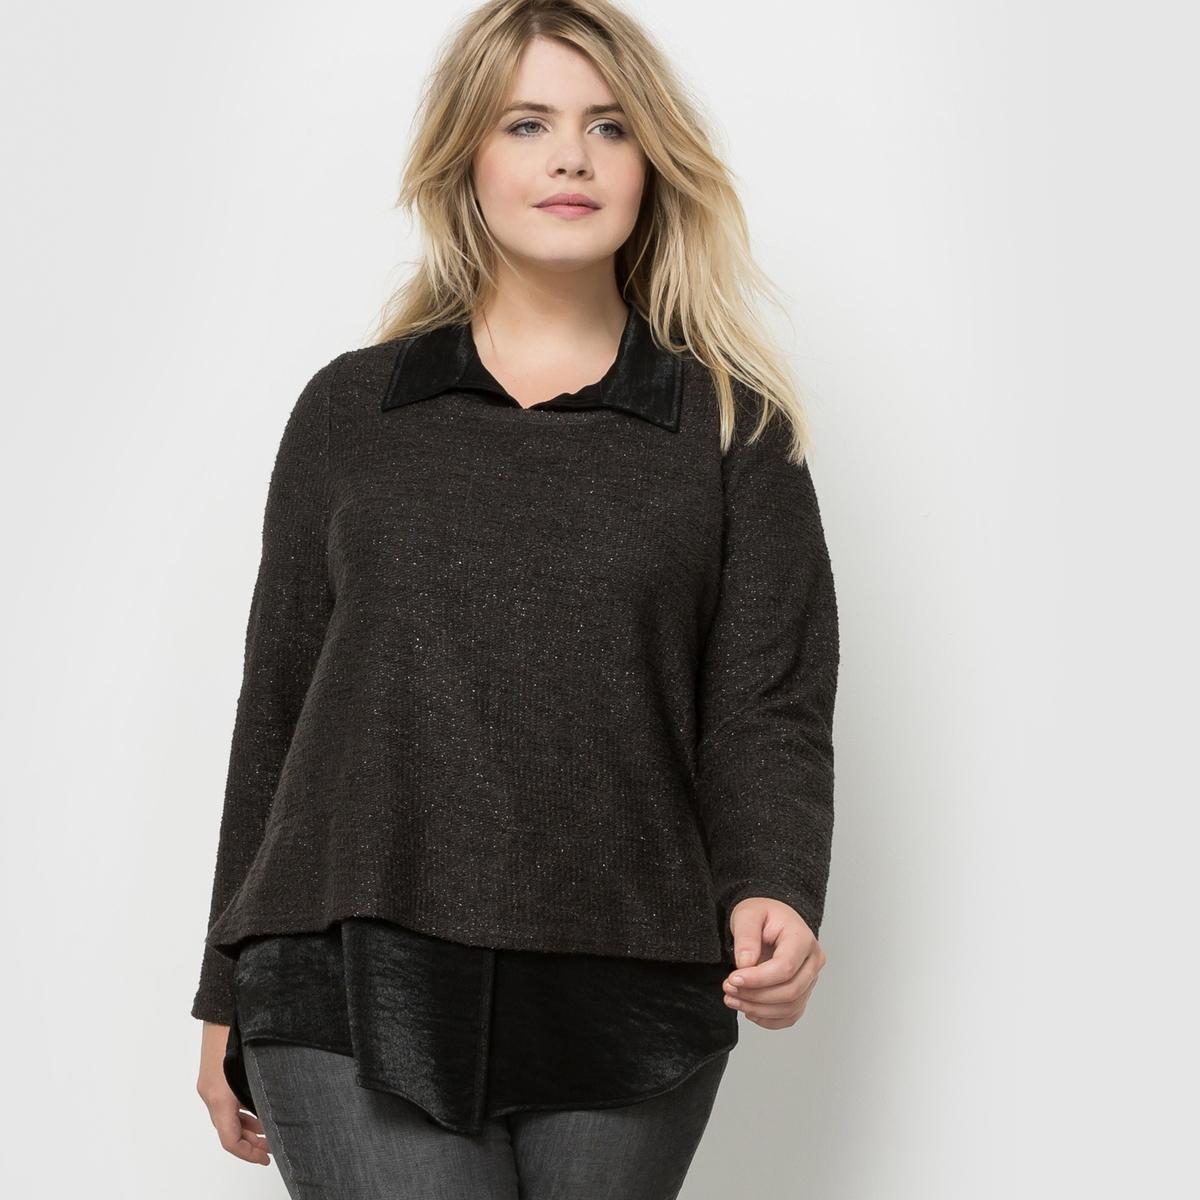 ТуникаТуника с длинными рукавами с ложным эффектом 2 в 1: пуловер/рубашка. Длинный пуловер из разноцветного трикотажа и имитация рубашки из разноцветного крепа с ложной планкой застежки на пуговицы.<br><br>Цвет: хаки<br>Размер: 44 (FR) - 50 (RUS)